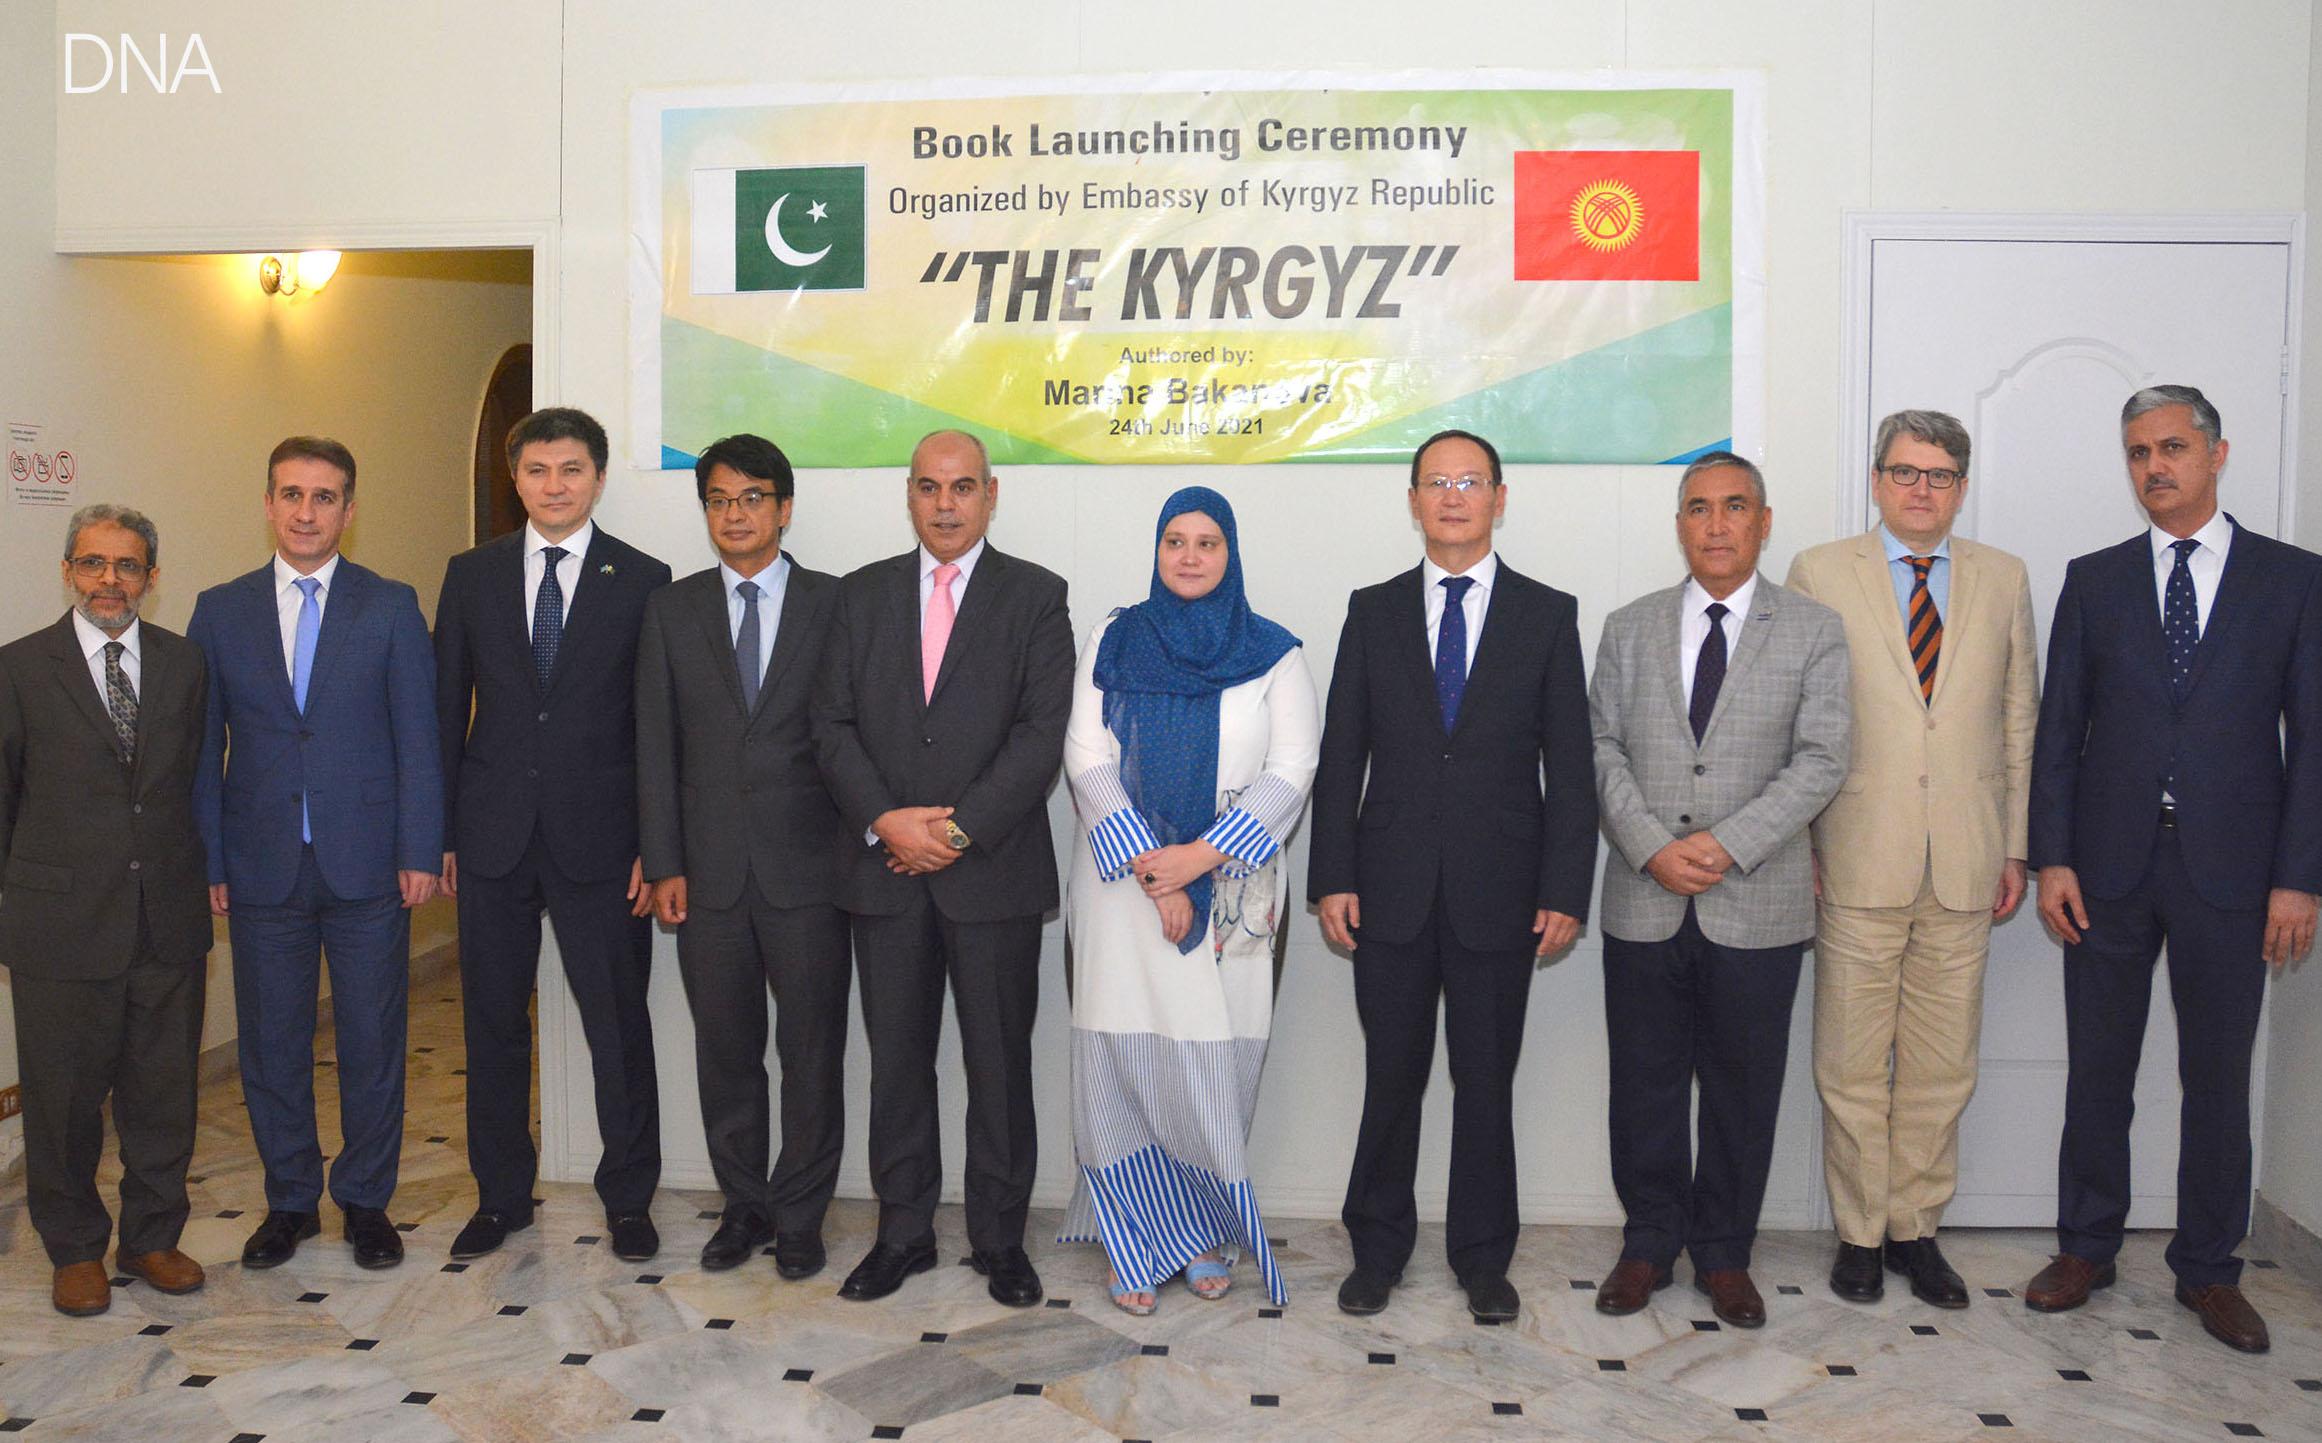 Marina Bakanov's book 'The Kyrgyz' launched at the Kyrgyzstan embassy